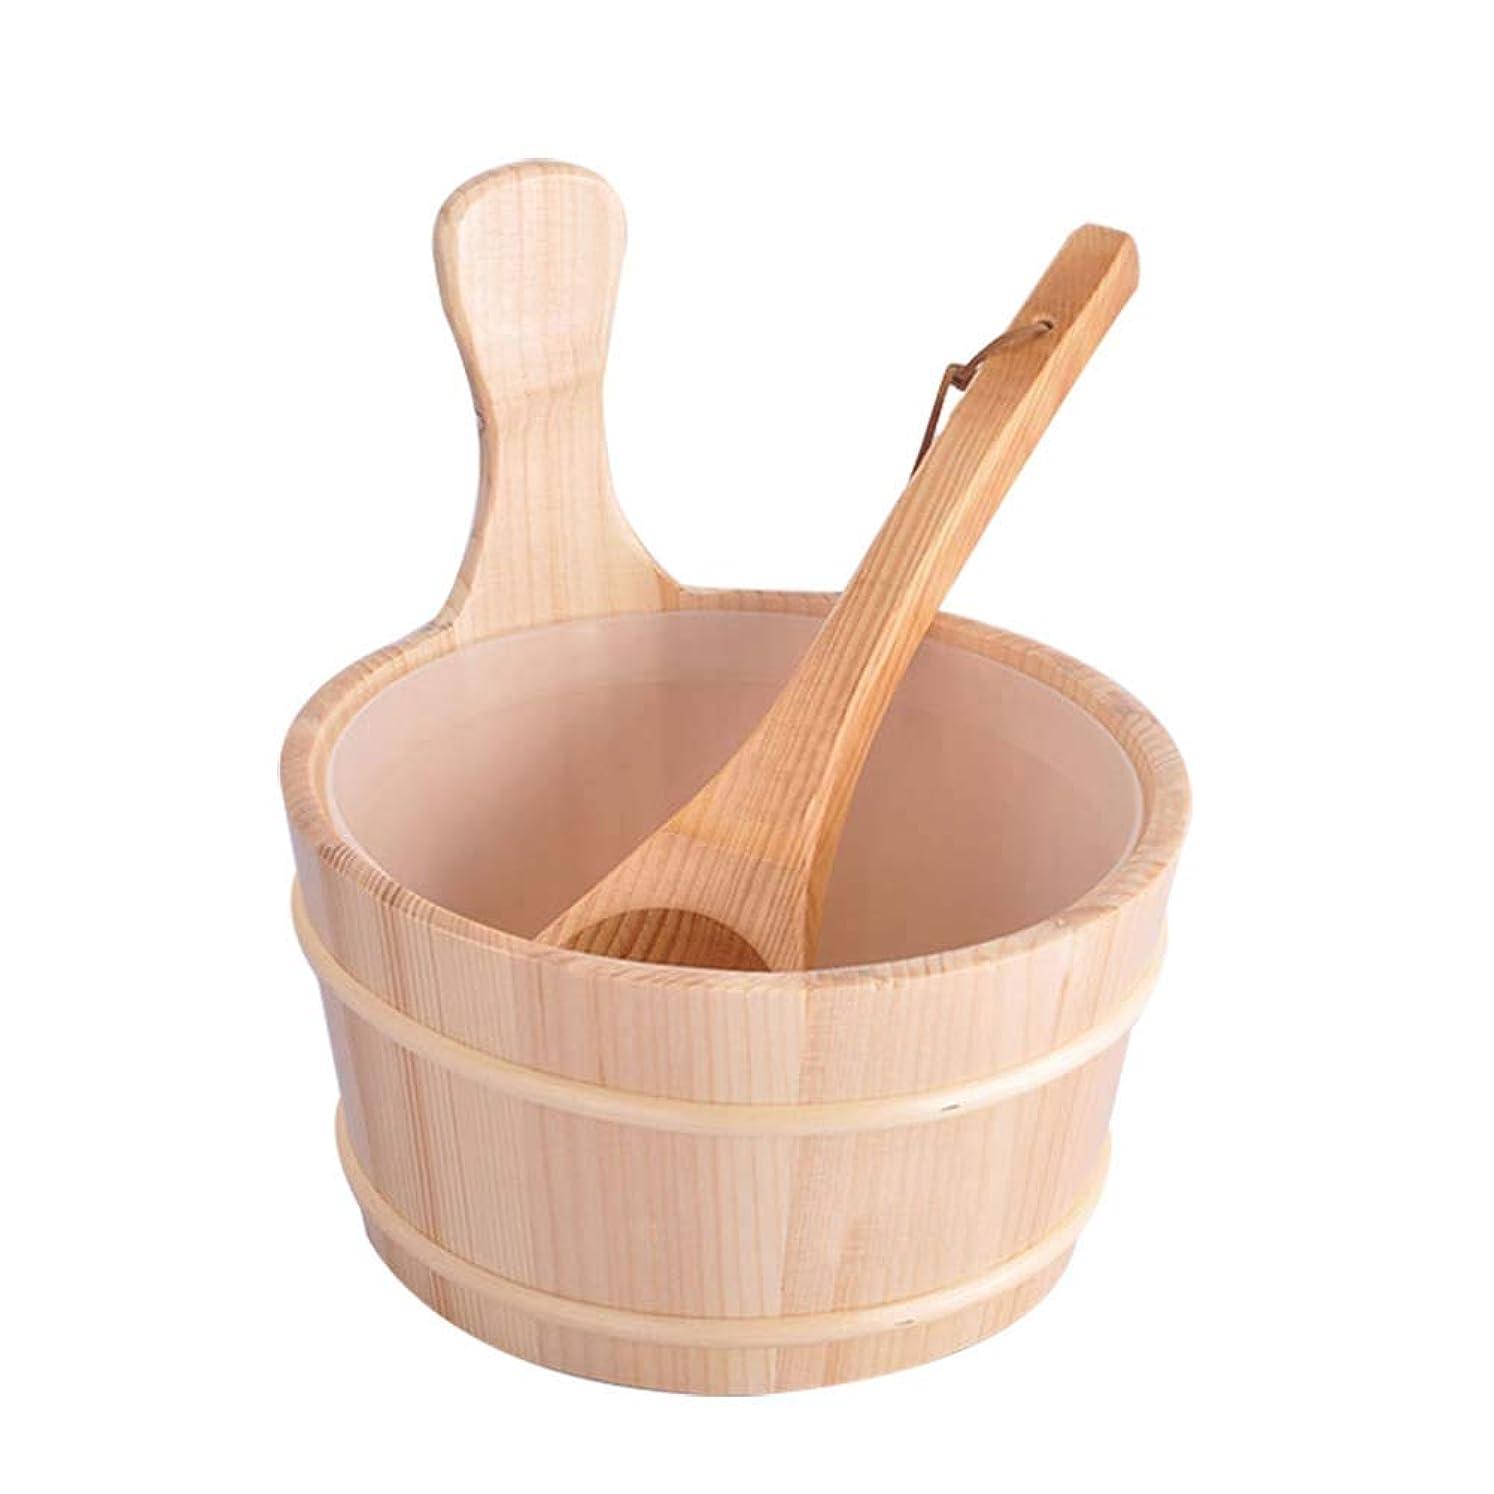 サバント調子ペイントHealifty 2個入りサウナ木製バケツとひしゃくキットサウナとサウナルーム用のライナー付きスパバケット(ニュートラルスタイル)